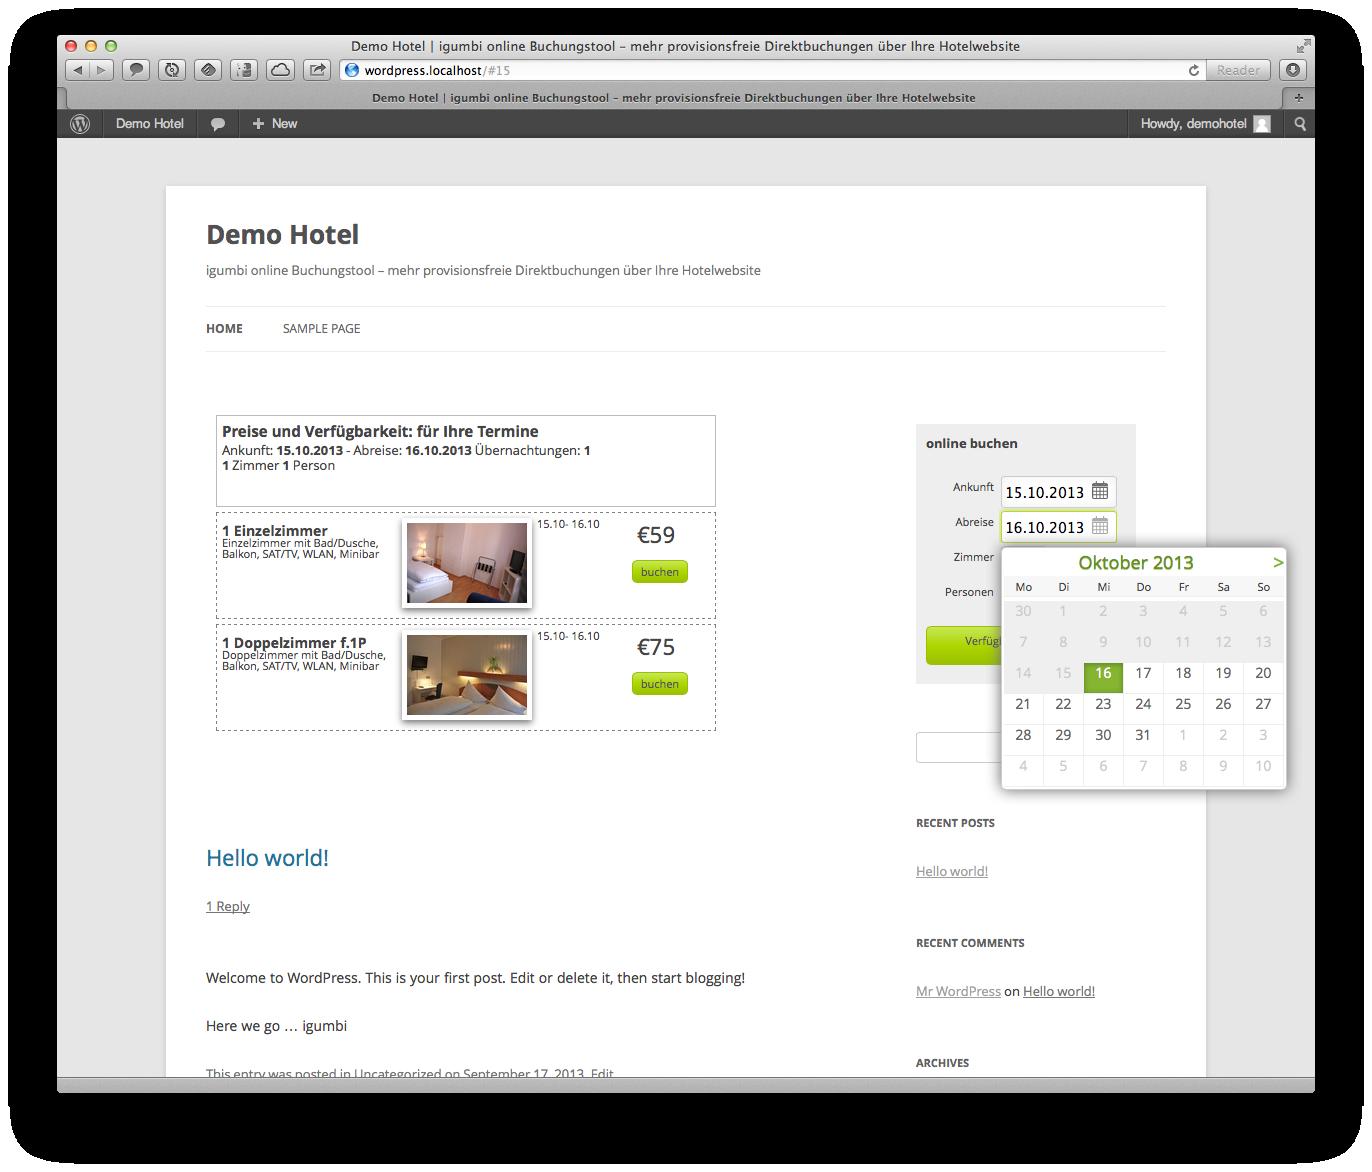 Der Buchungsdialog des igumbi online Buchungstools / Reservierungssystem auf einer WordPress Seite mit dem Plugin integriert. Buchungssystem, IBE, Reservierungssystem für WordPress